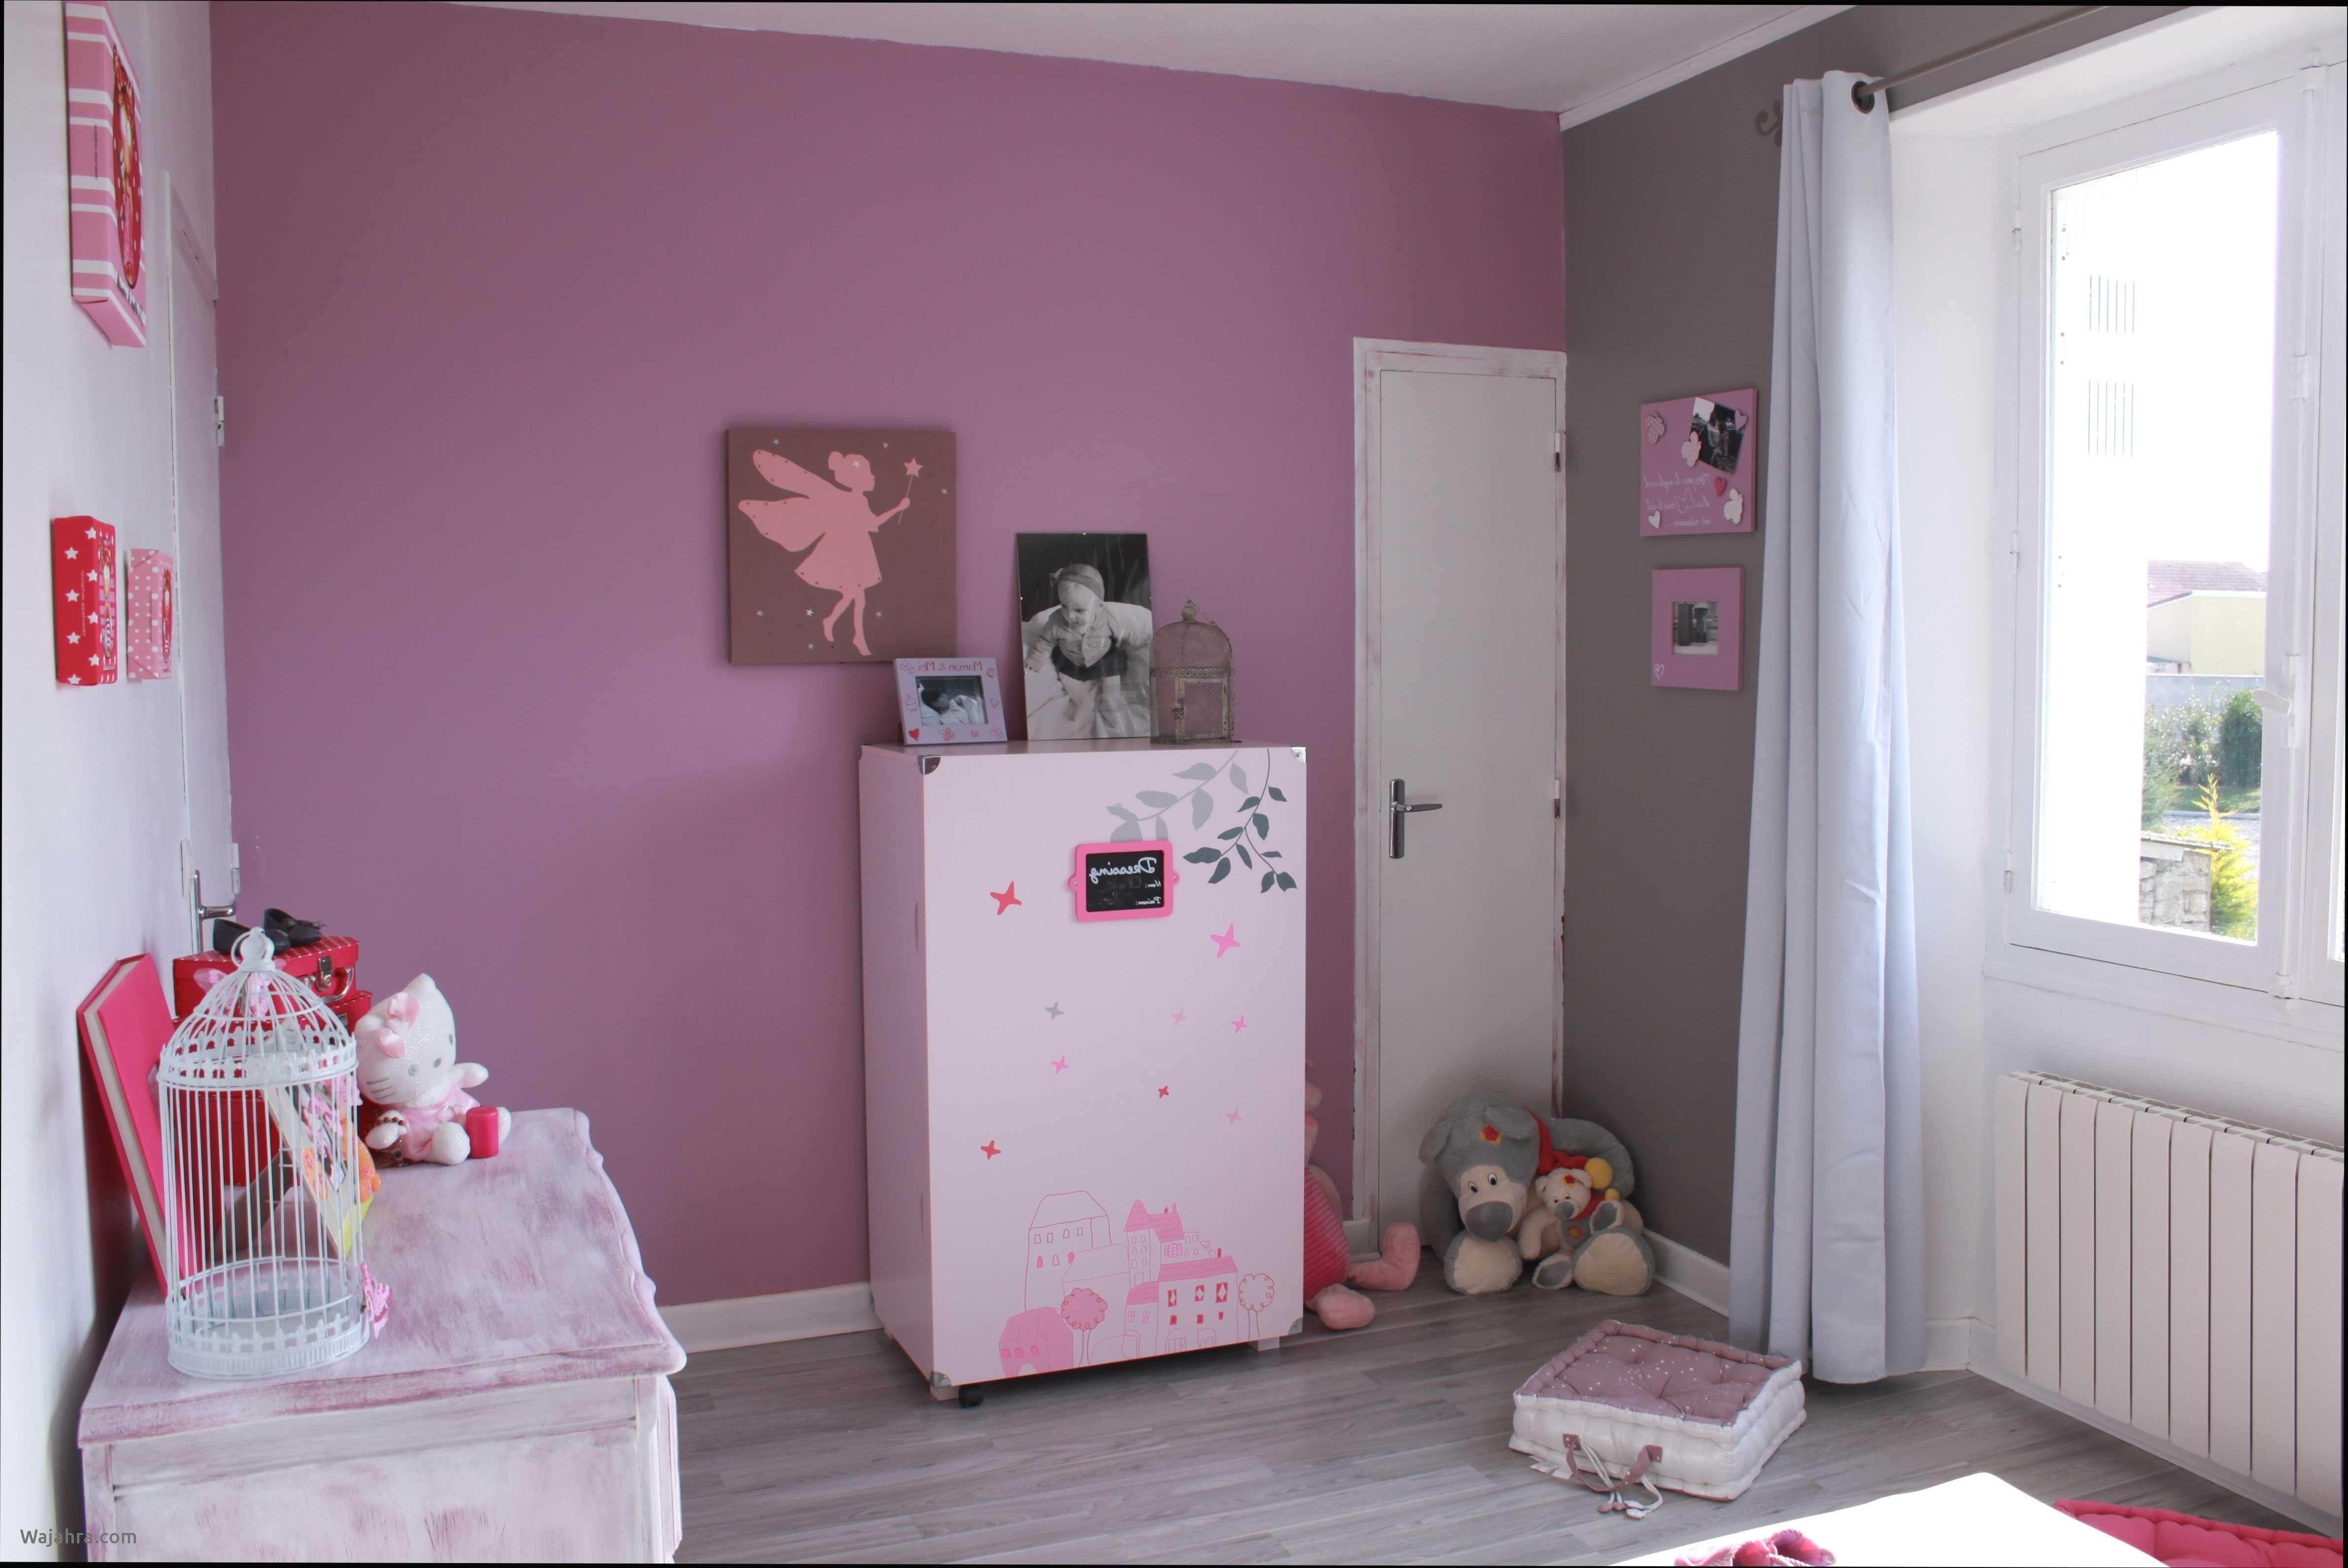 Lit Enfant Combiné Meilleur De Baignoire Bébé Table € Langer Meuble Baignoire Bébé Meuble Baignoire